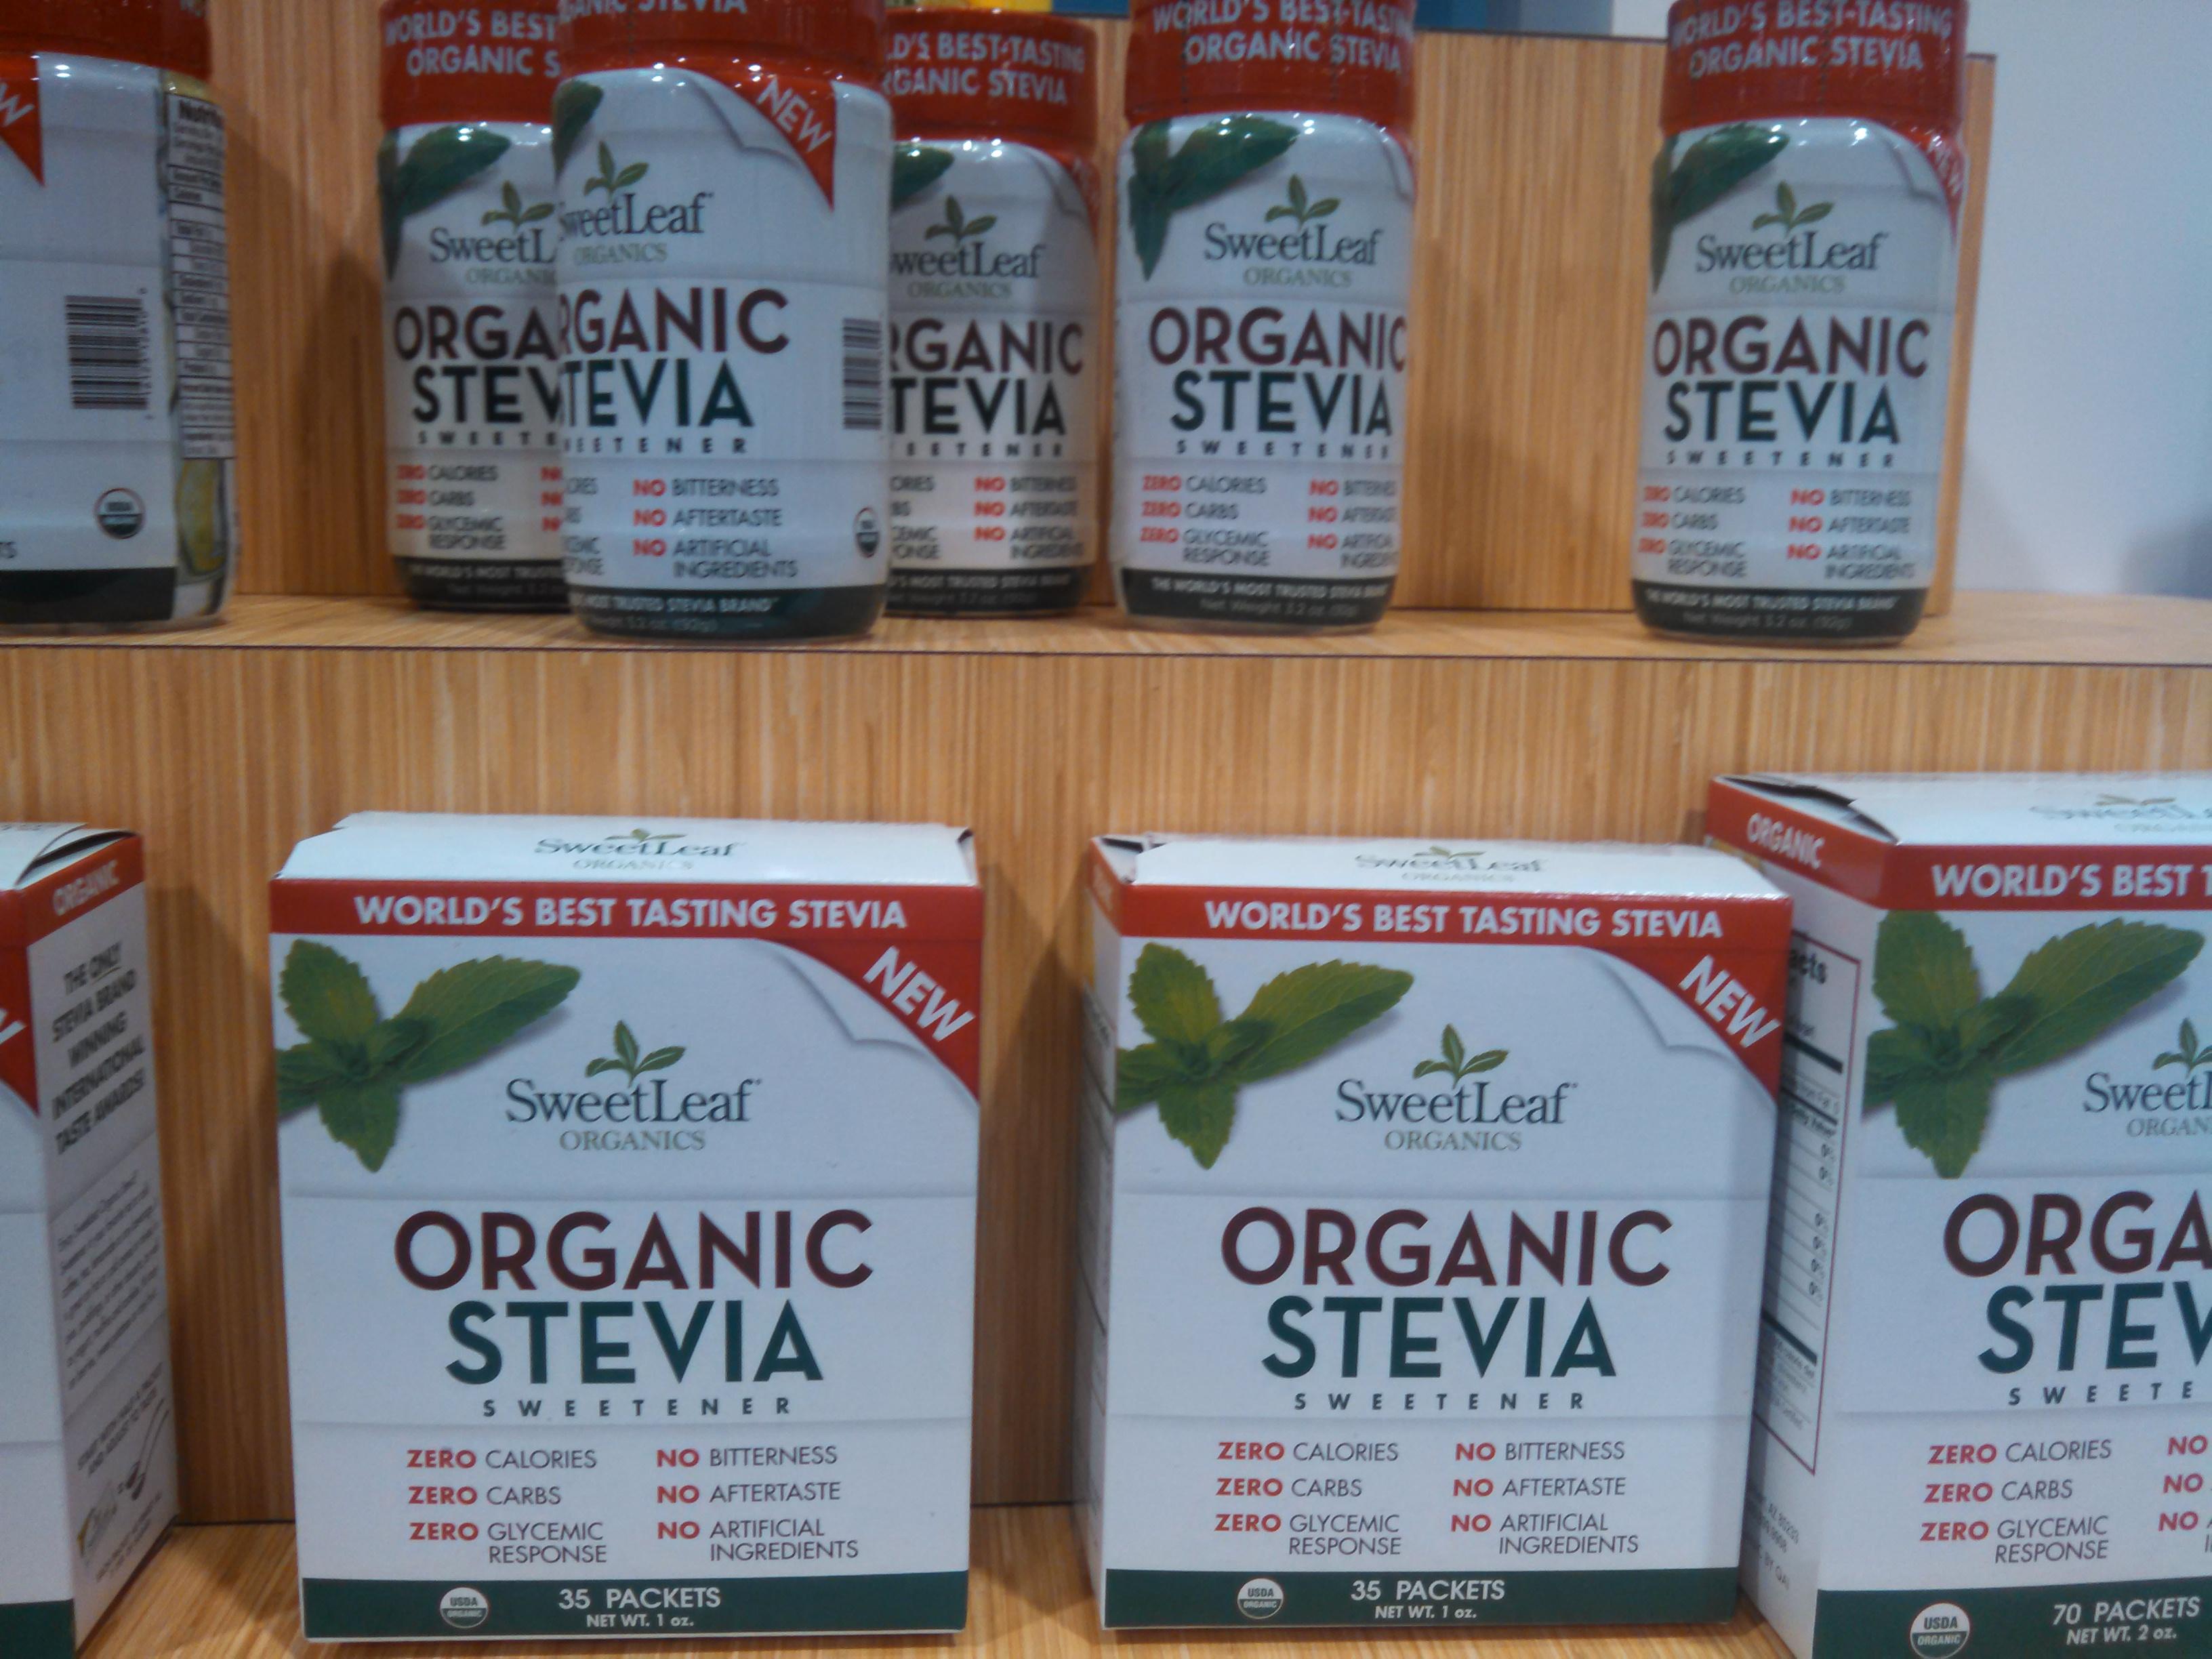 NPEW_2015_Organic_stevia.jpg